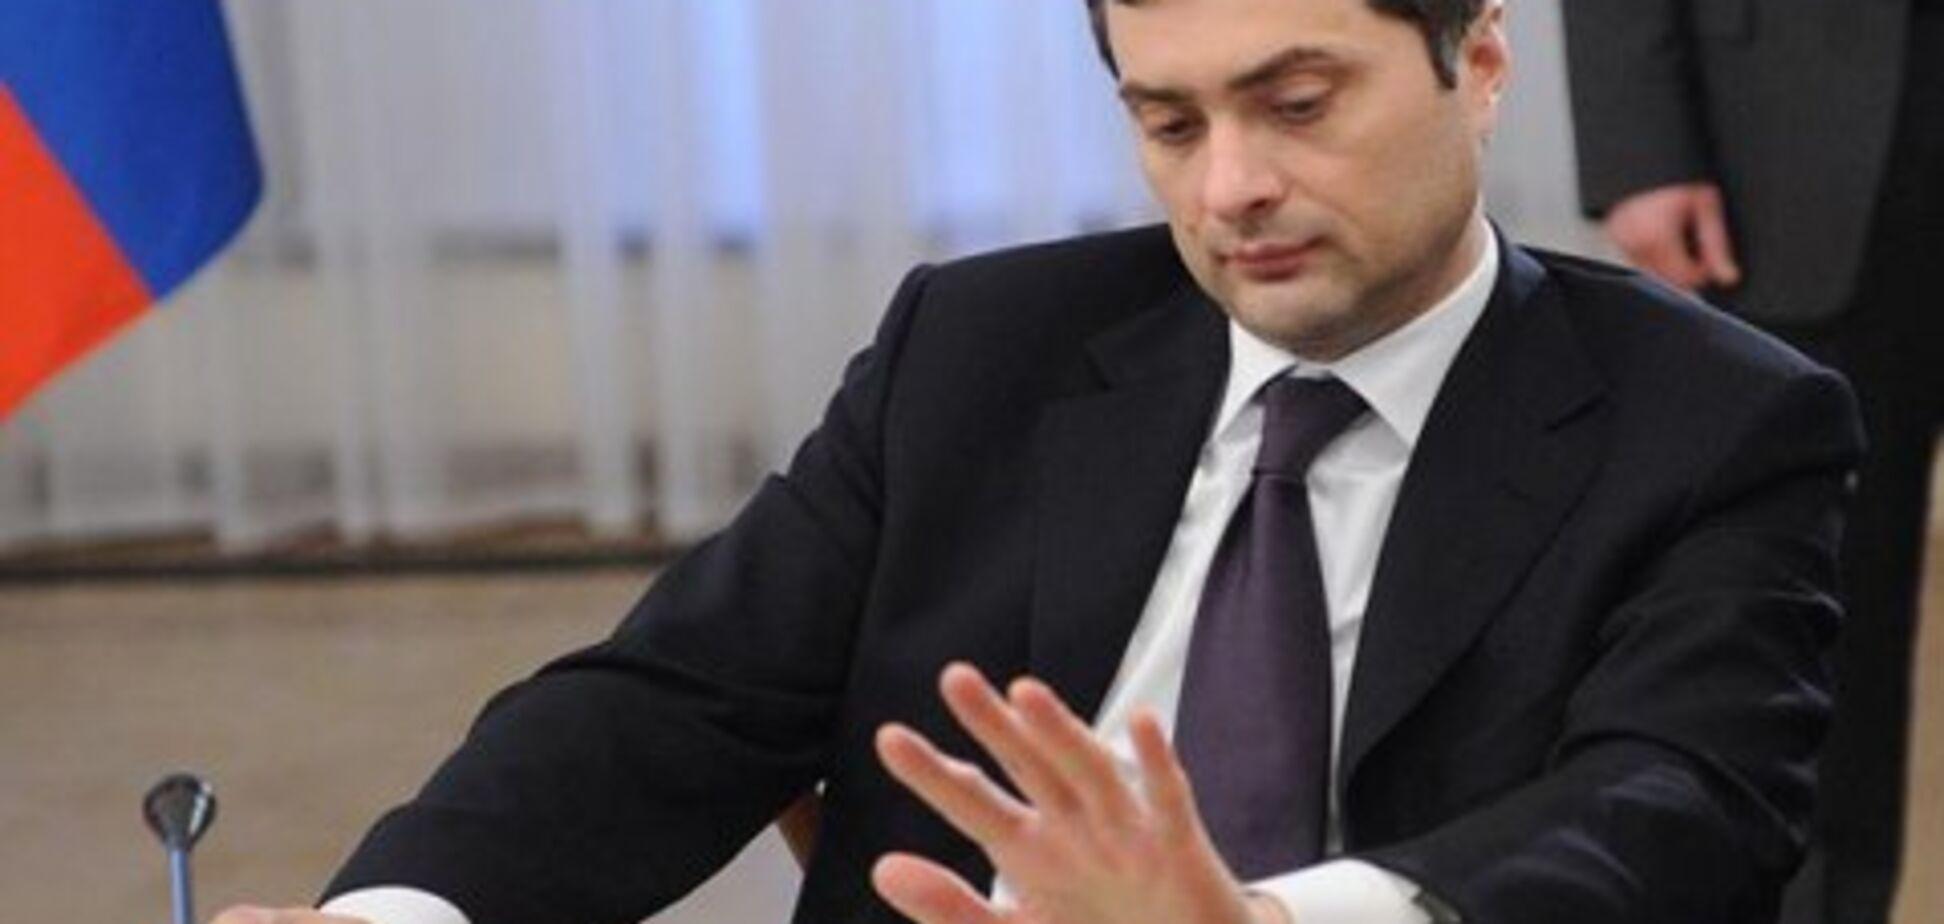 'Кричав до хрипоти, отримали по шапці всі': з'ясувалася мета візиту Суркова на Донбас